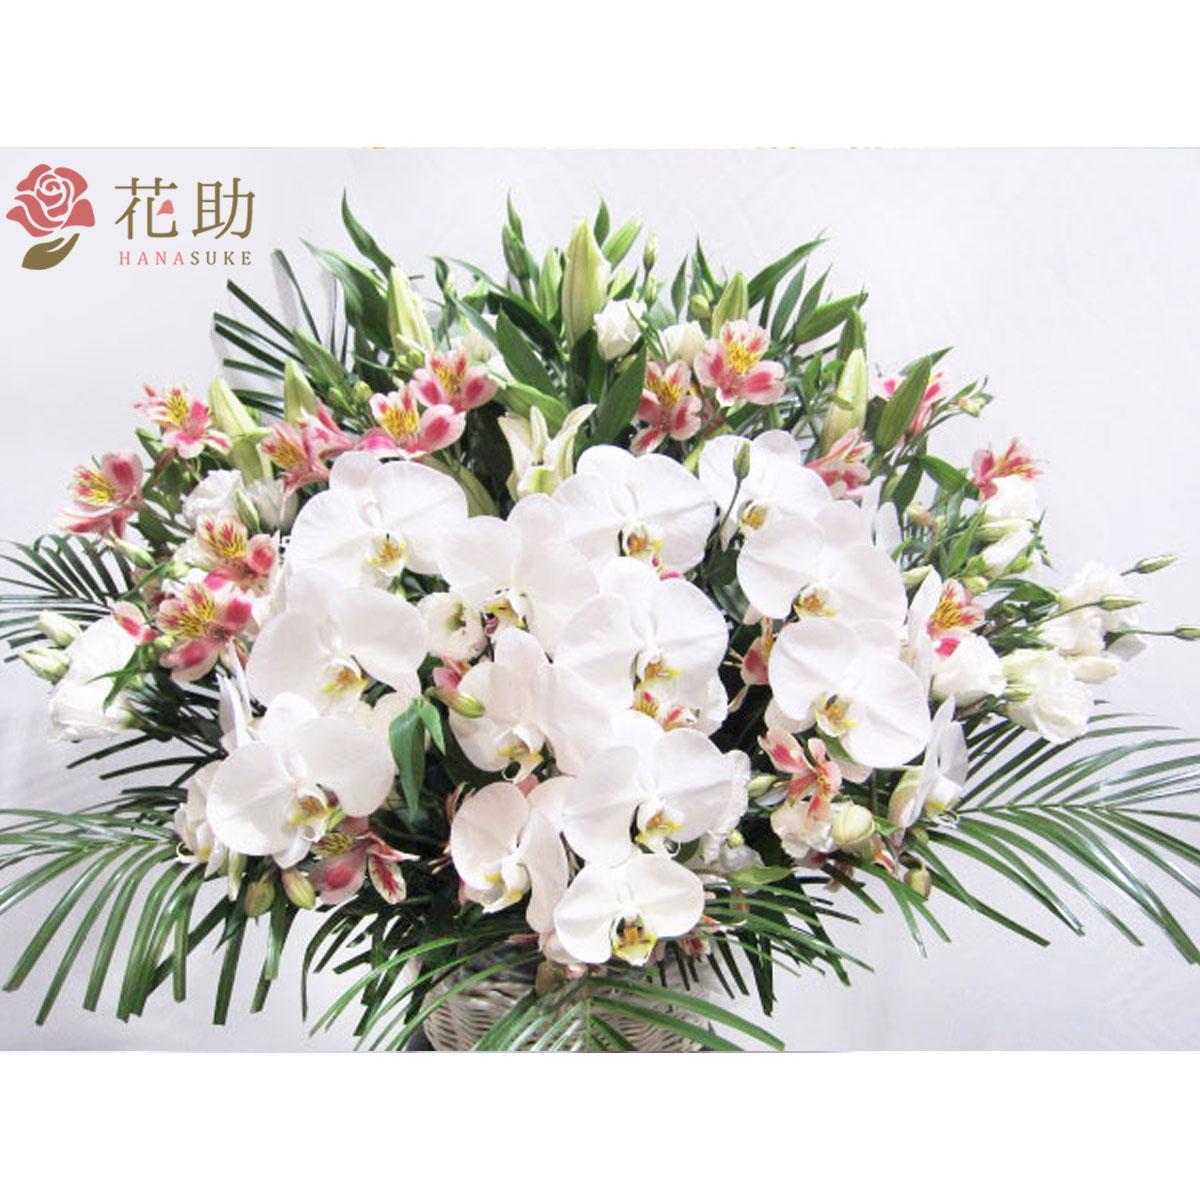 【花】フラワーコンシェルジュが厳選した花屋のお祝いアレンジメント花 80000円 送料無料 即日配達【_メッセ入力】